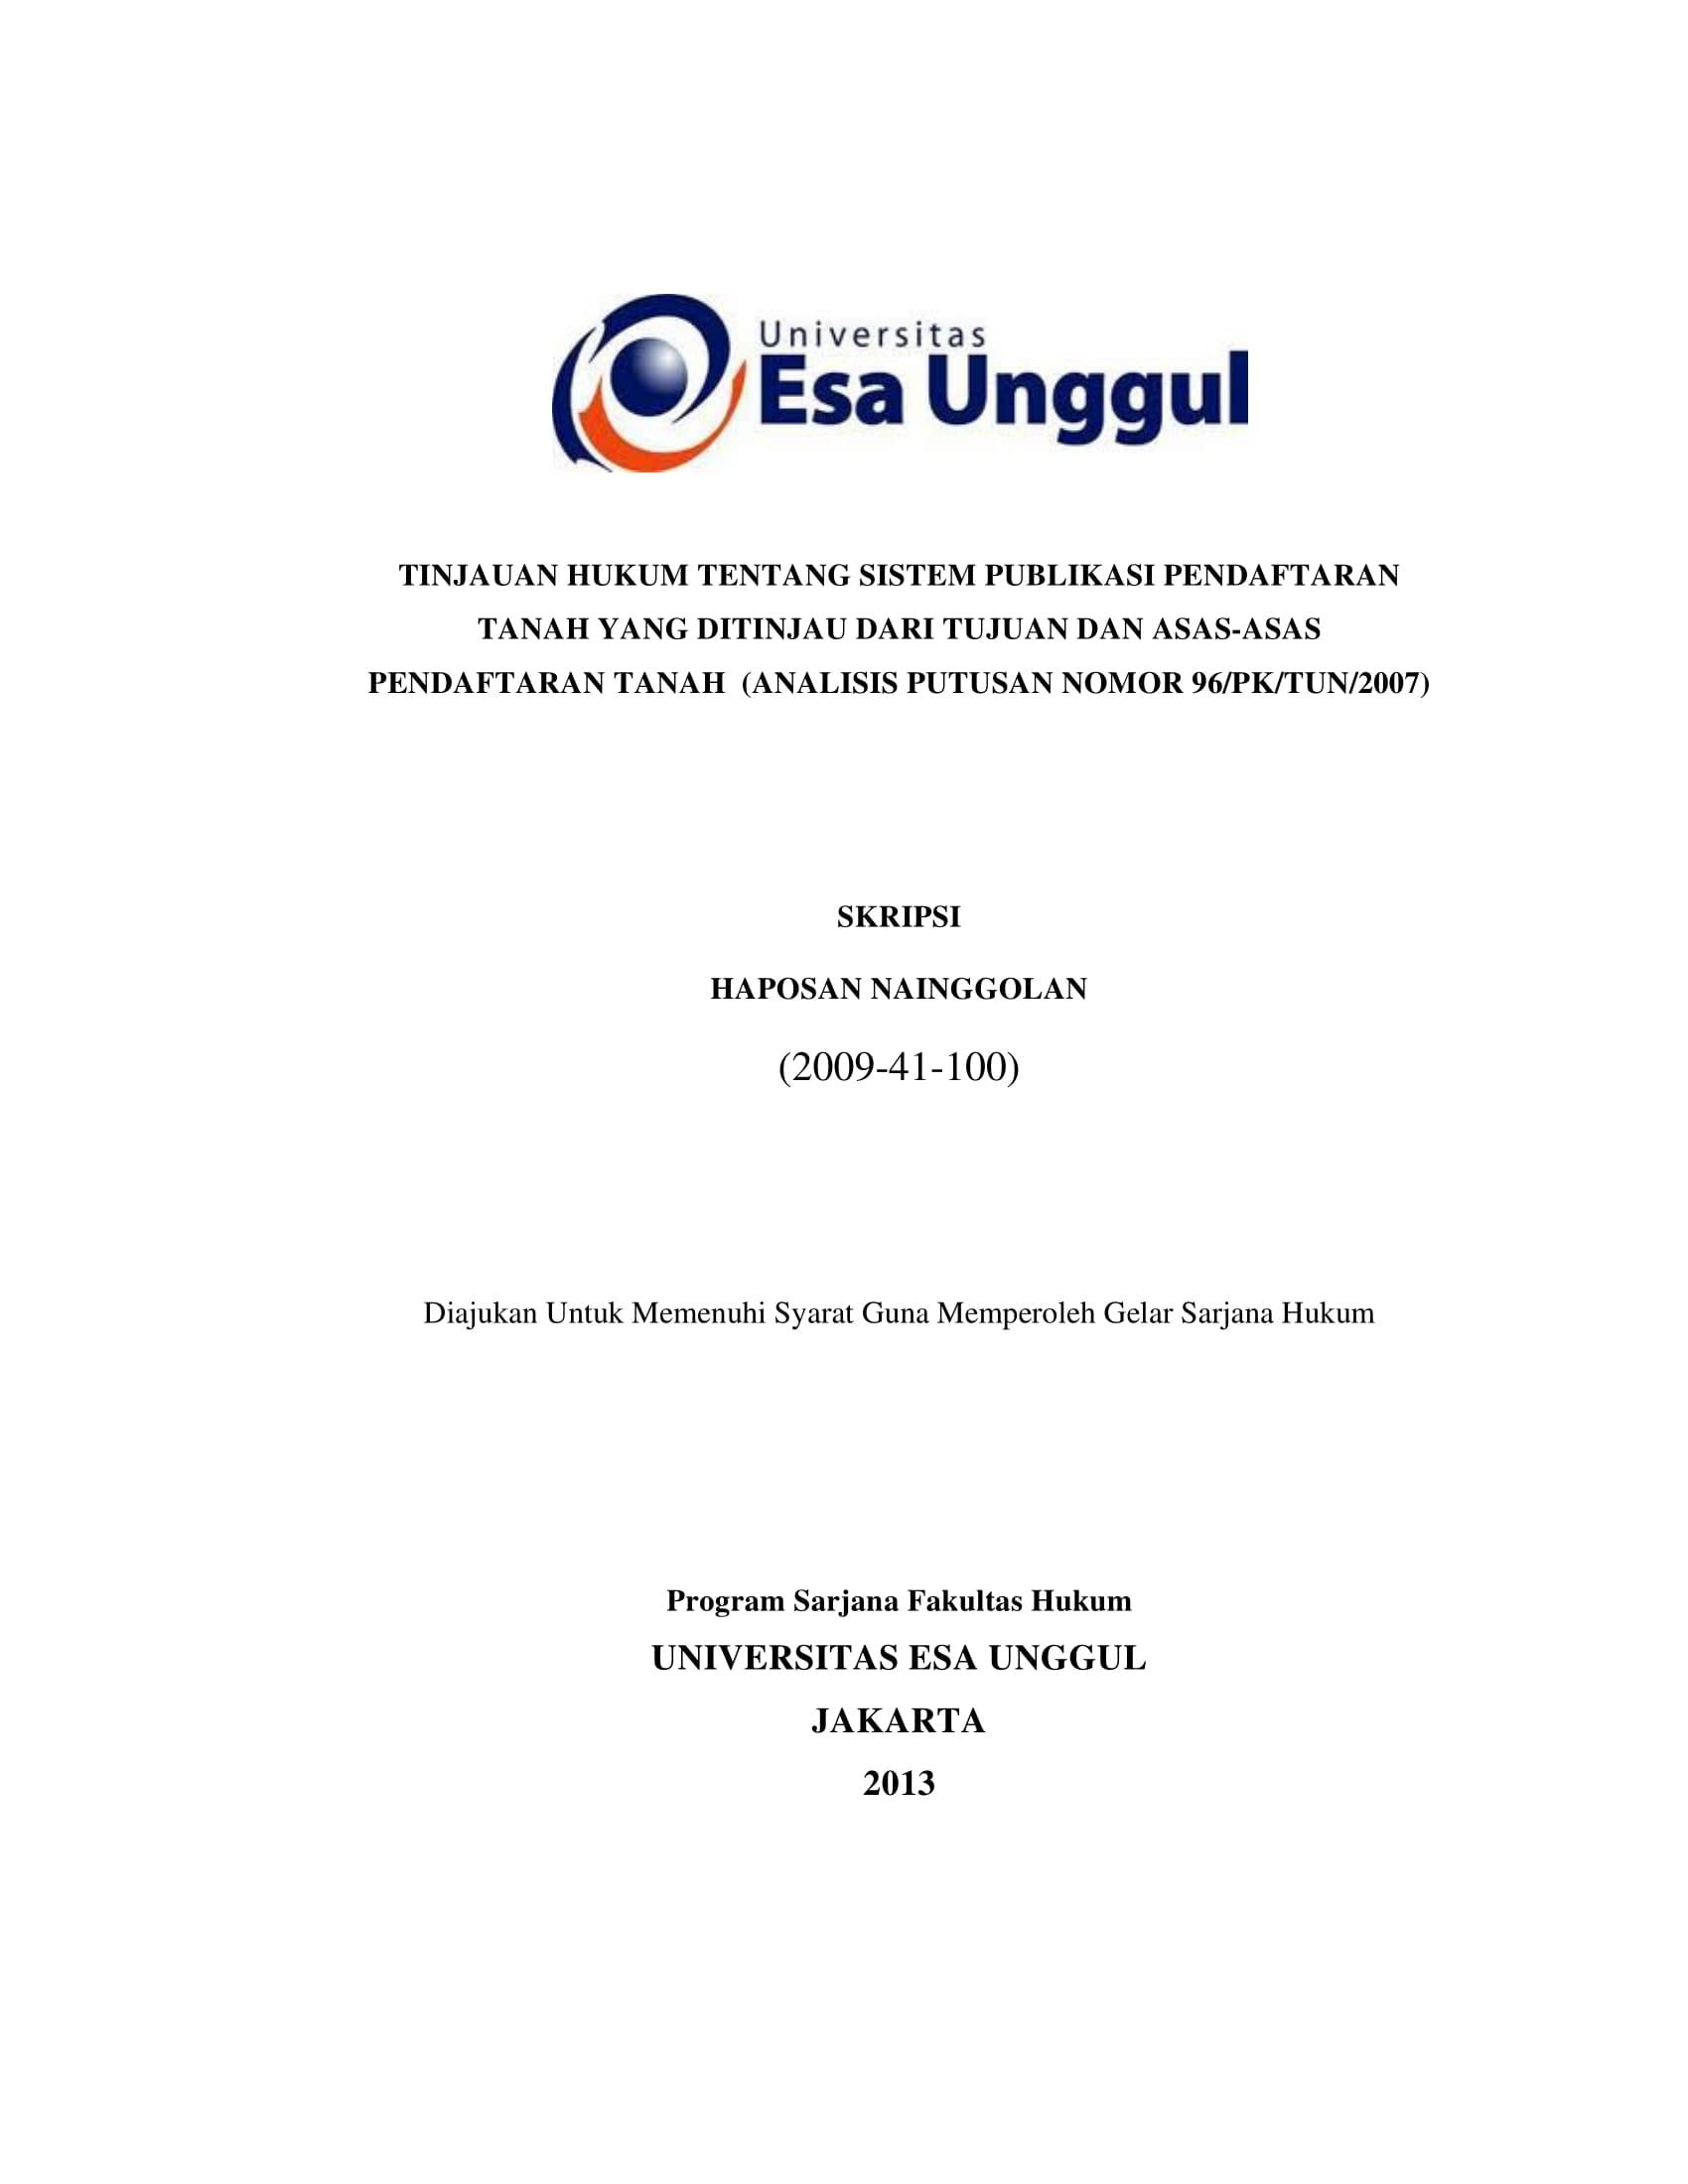 Tinjauan Hukum Tentang Sistem Publikasi Pendaftaran Tanah yang Ditinjau dari Tujuan dan Asas-asas Pendaftaran Tanah (Analisis Putusan Nomor 96/PK/TUN/2007)